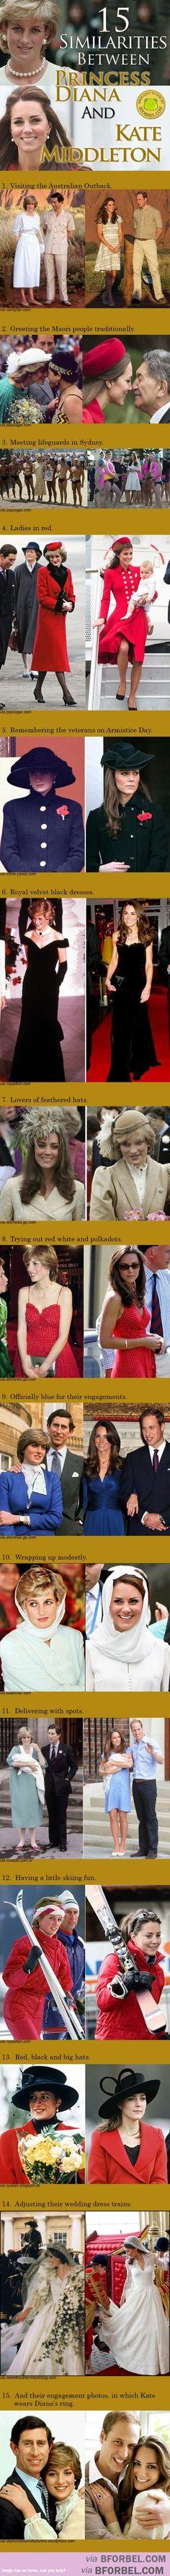 15 Similarities Between Princess Diana And Kate Middleton…